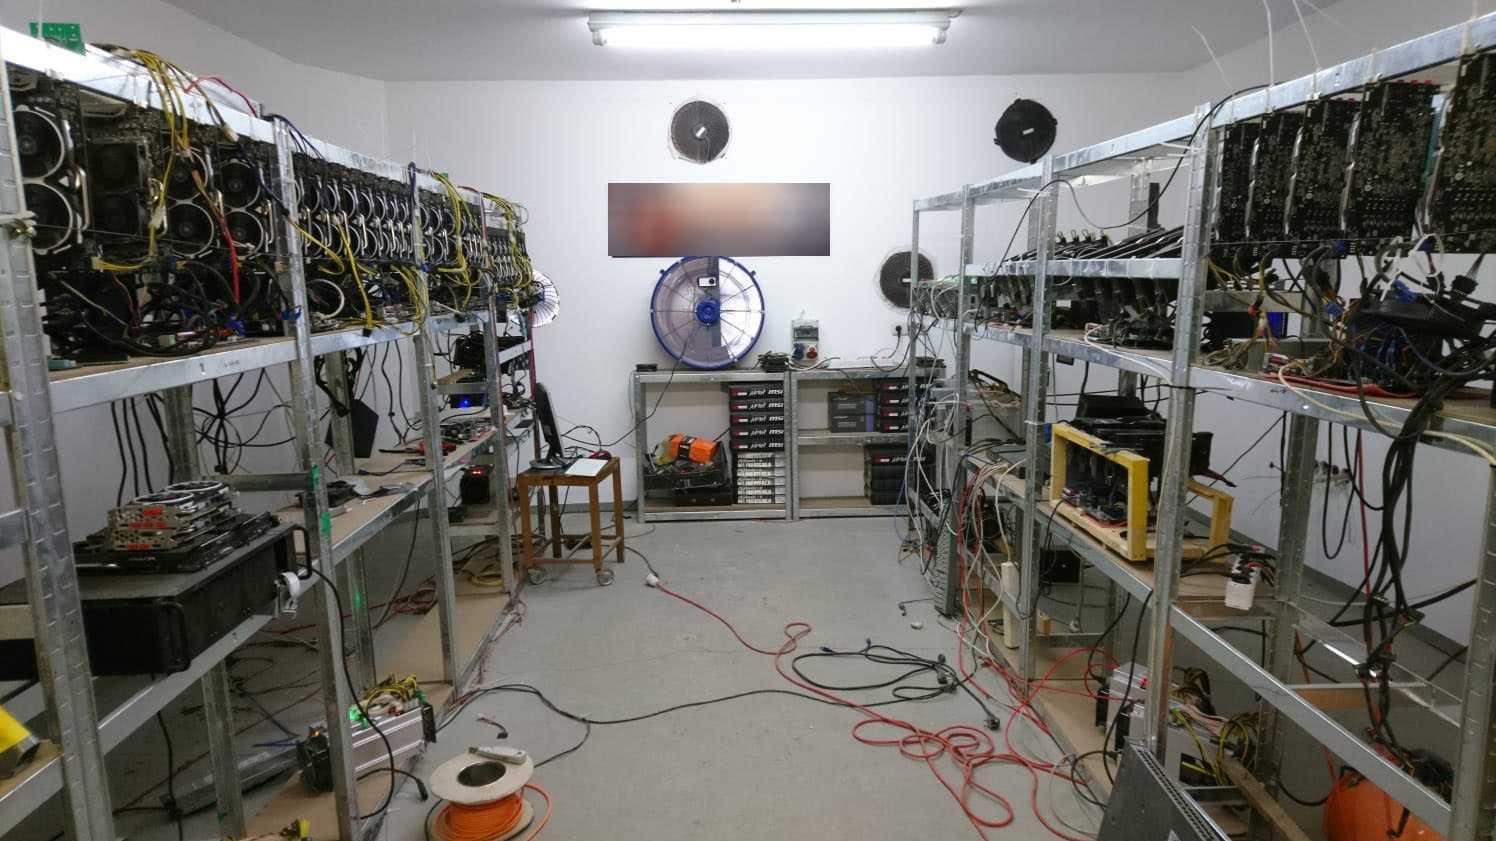 Verhaftungen in Sachsen: Mutmaßliche Stromdiebe schürften Bitcoin